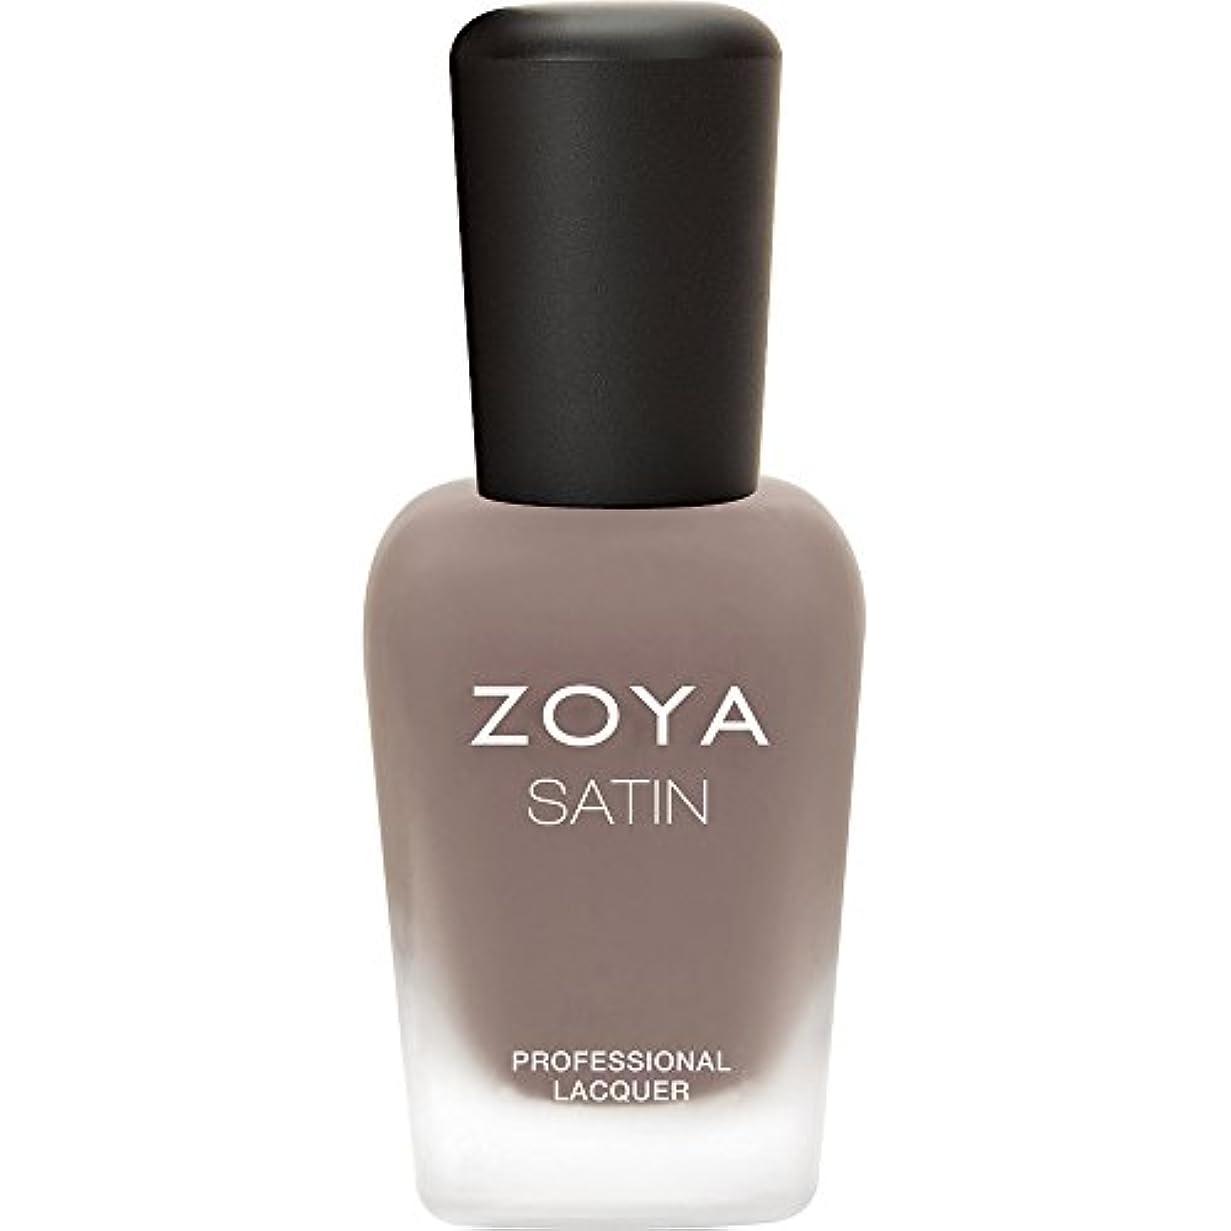 ZOYA ゾーヤ ネイルカラー ZP779  ROWAN ローワン 15ml 2015 Naturel Satins Collection スモーキートープ マット 爪にやさしいネイルラッカーマニキュア